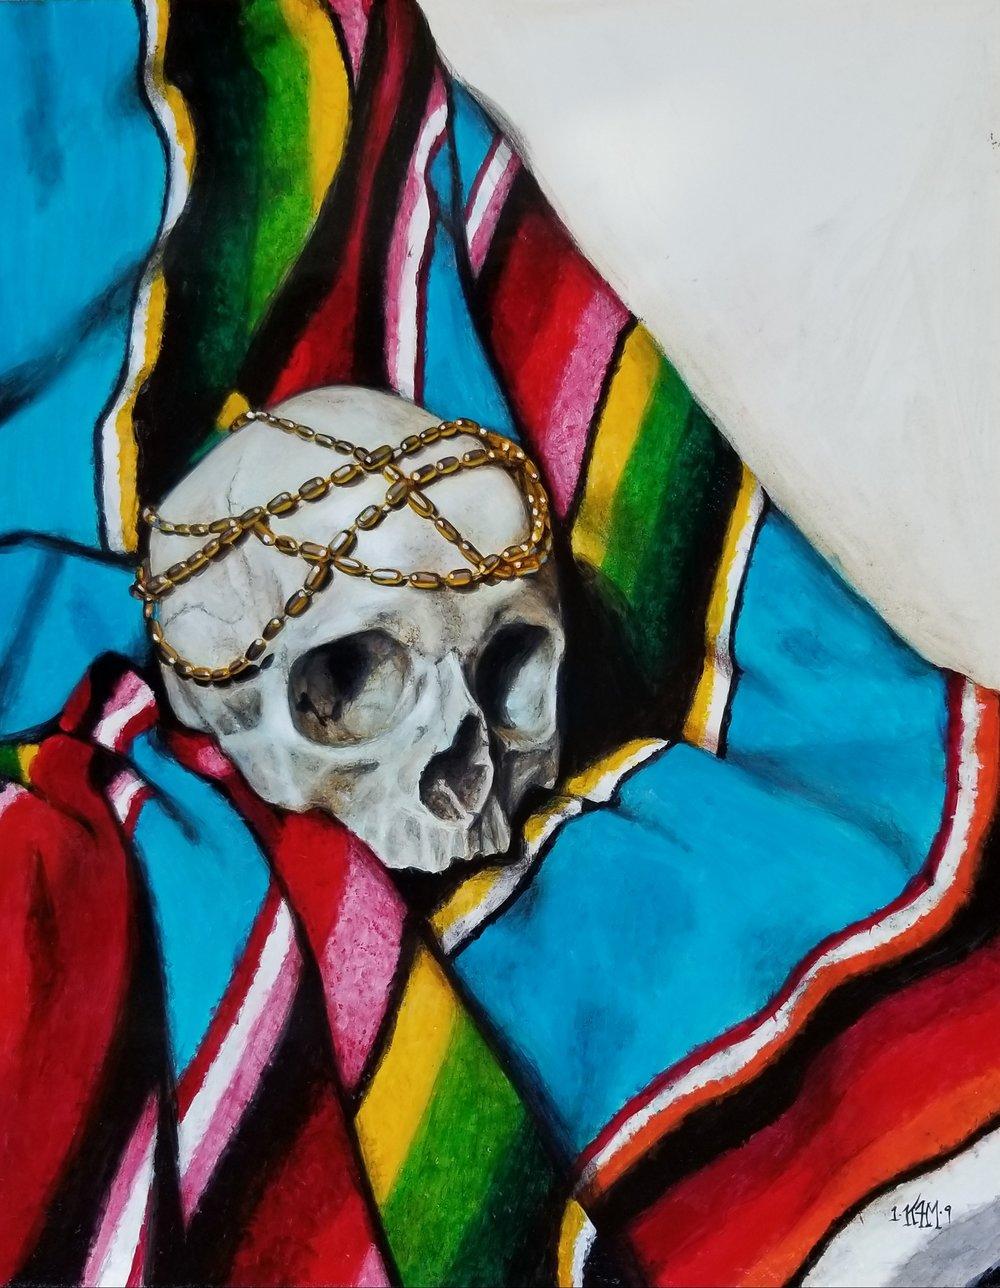 Skull and Blanket